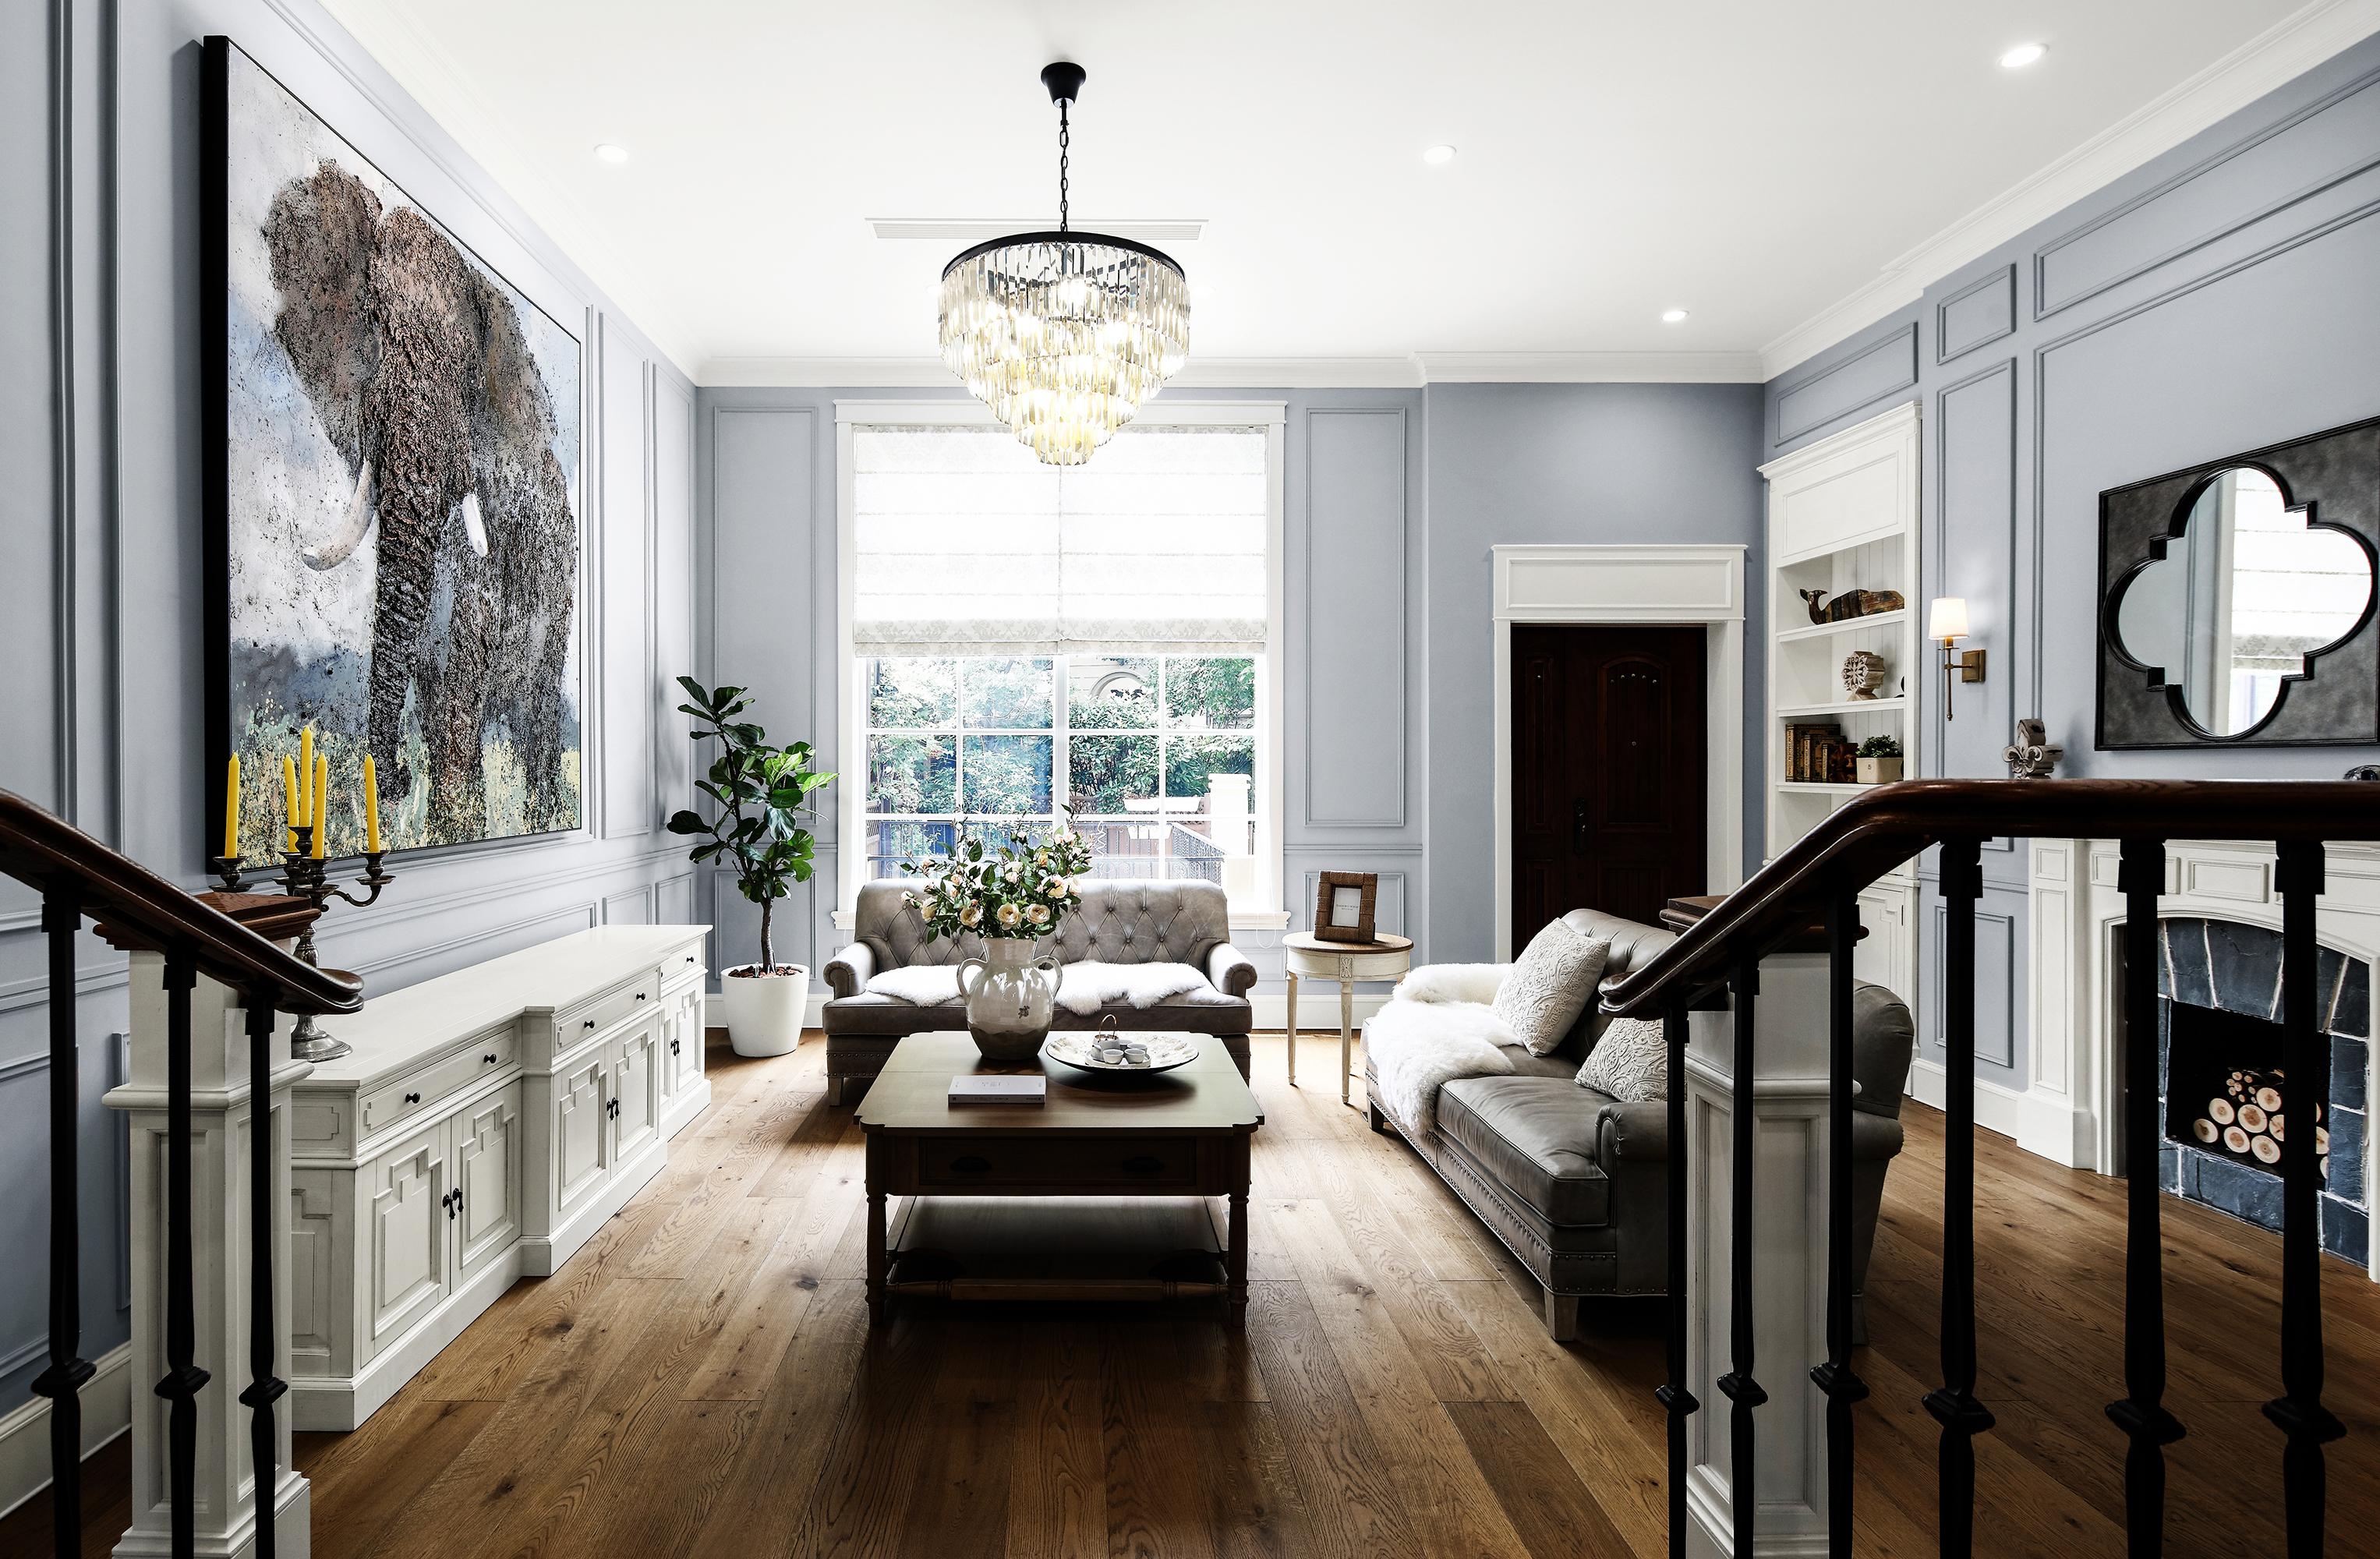 简美风格别墅客厅装修效果图